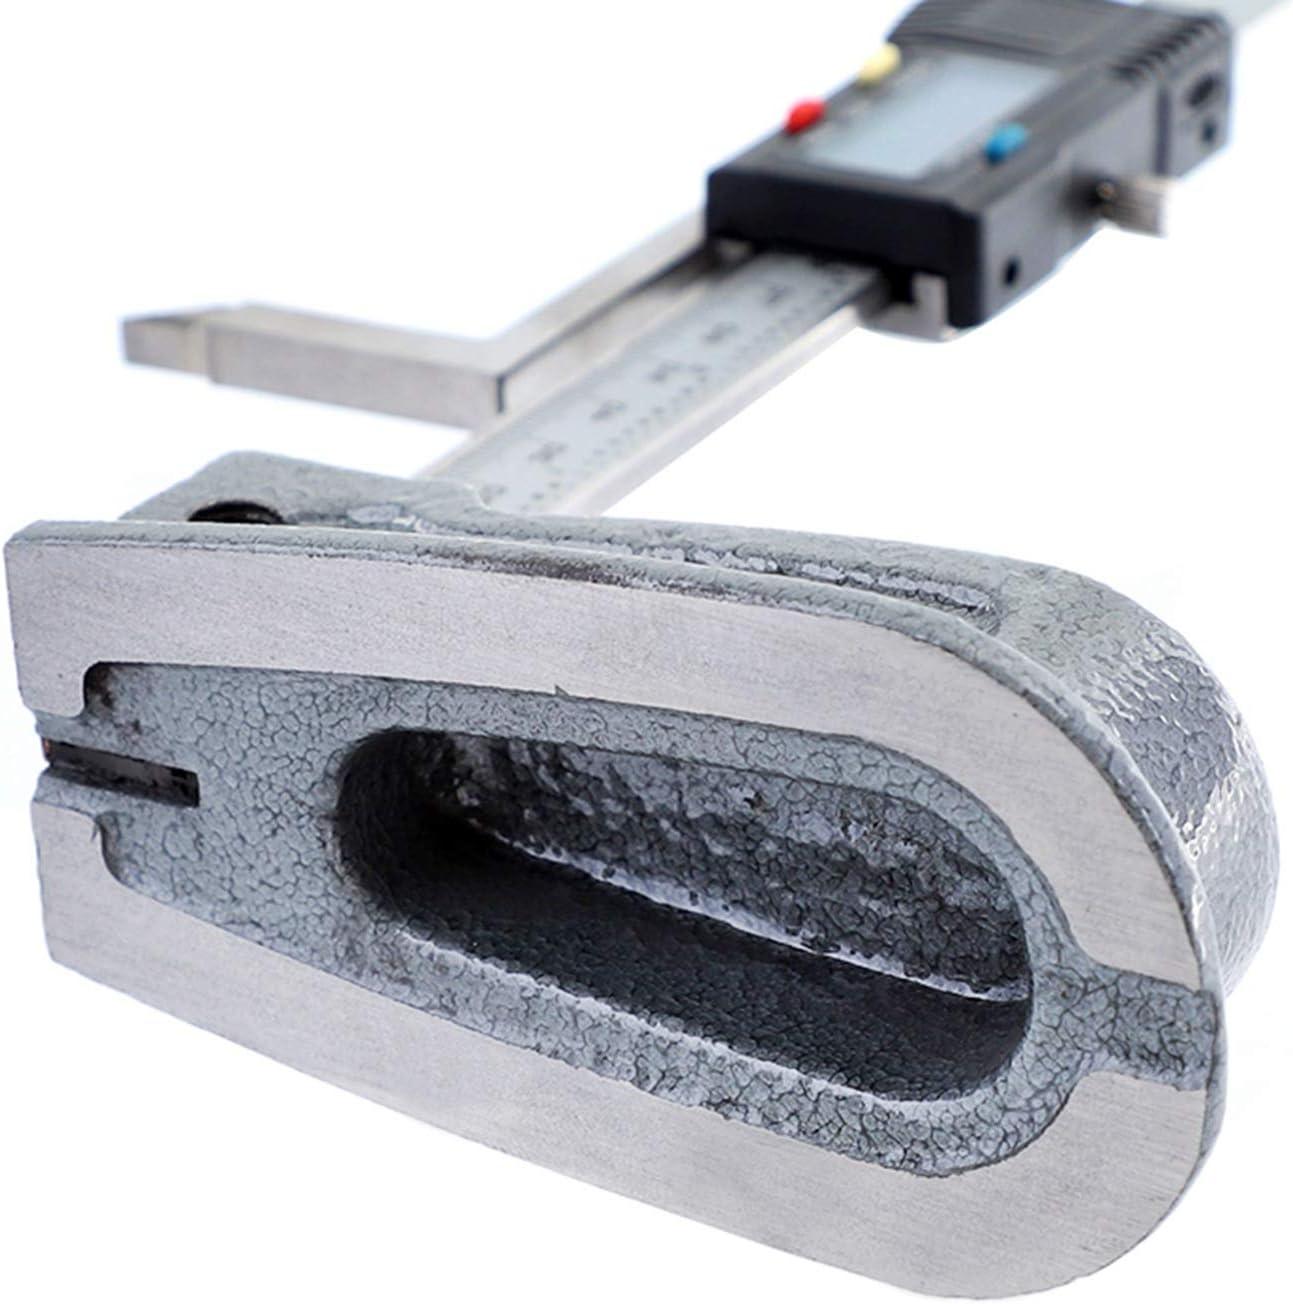 SNOWINSPRING Calibrador Externo 0-150 Mm Tipo de Resorte Di/áMetro Exterior Calibrador Digital Calibrador de Presi/óN Electr/óNico Digital